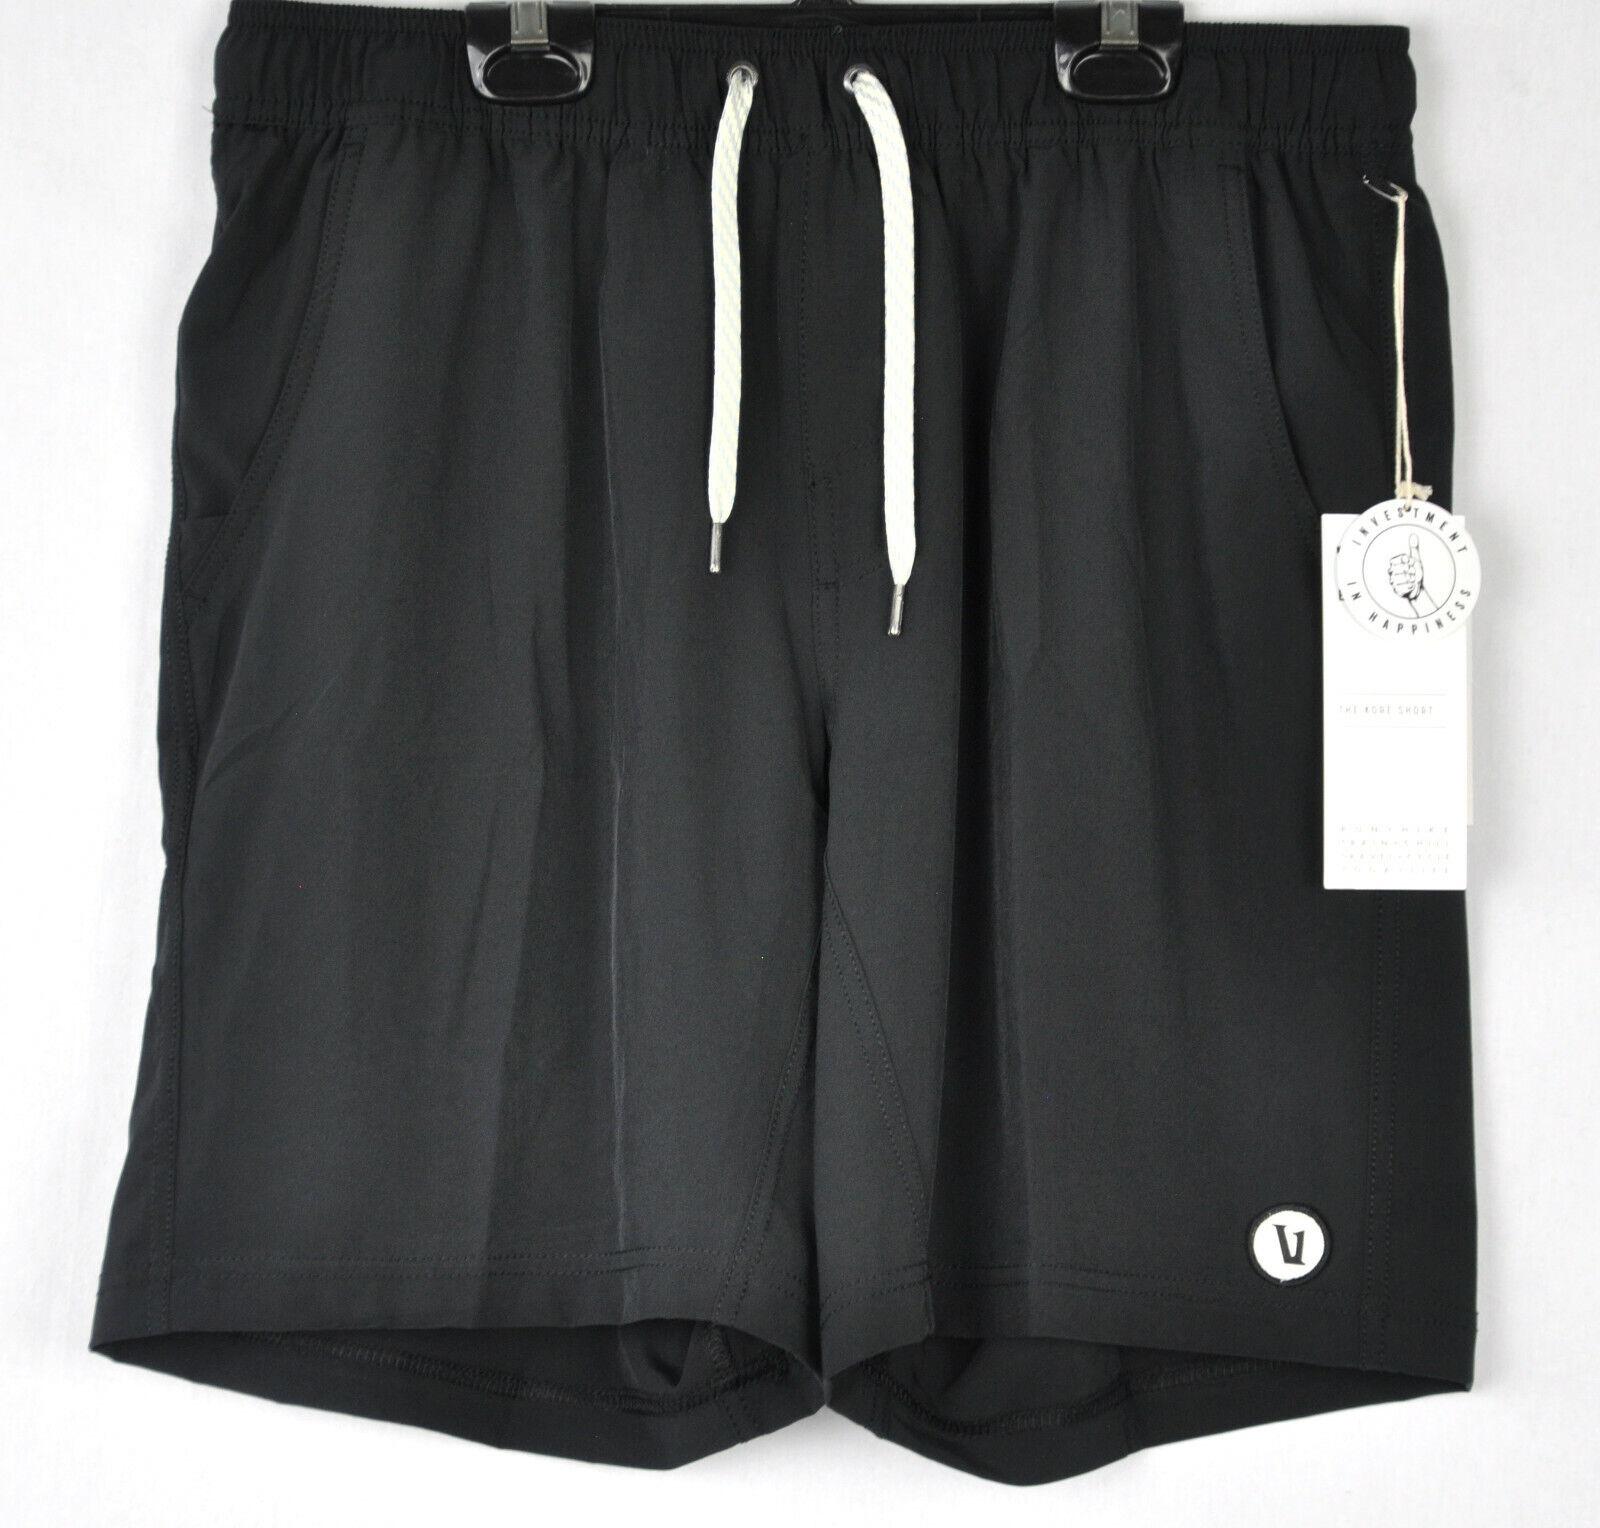 Pantalones cortos para hombre Kore vuori V302  Negro Tamaño Extra Grande  para proporcionarle una compra en línea agradable